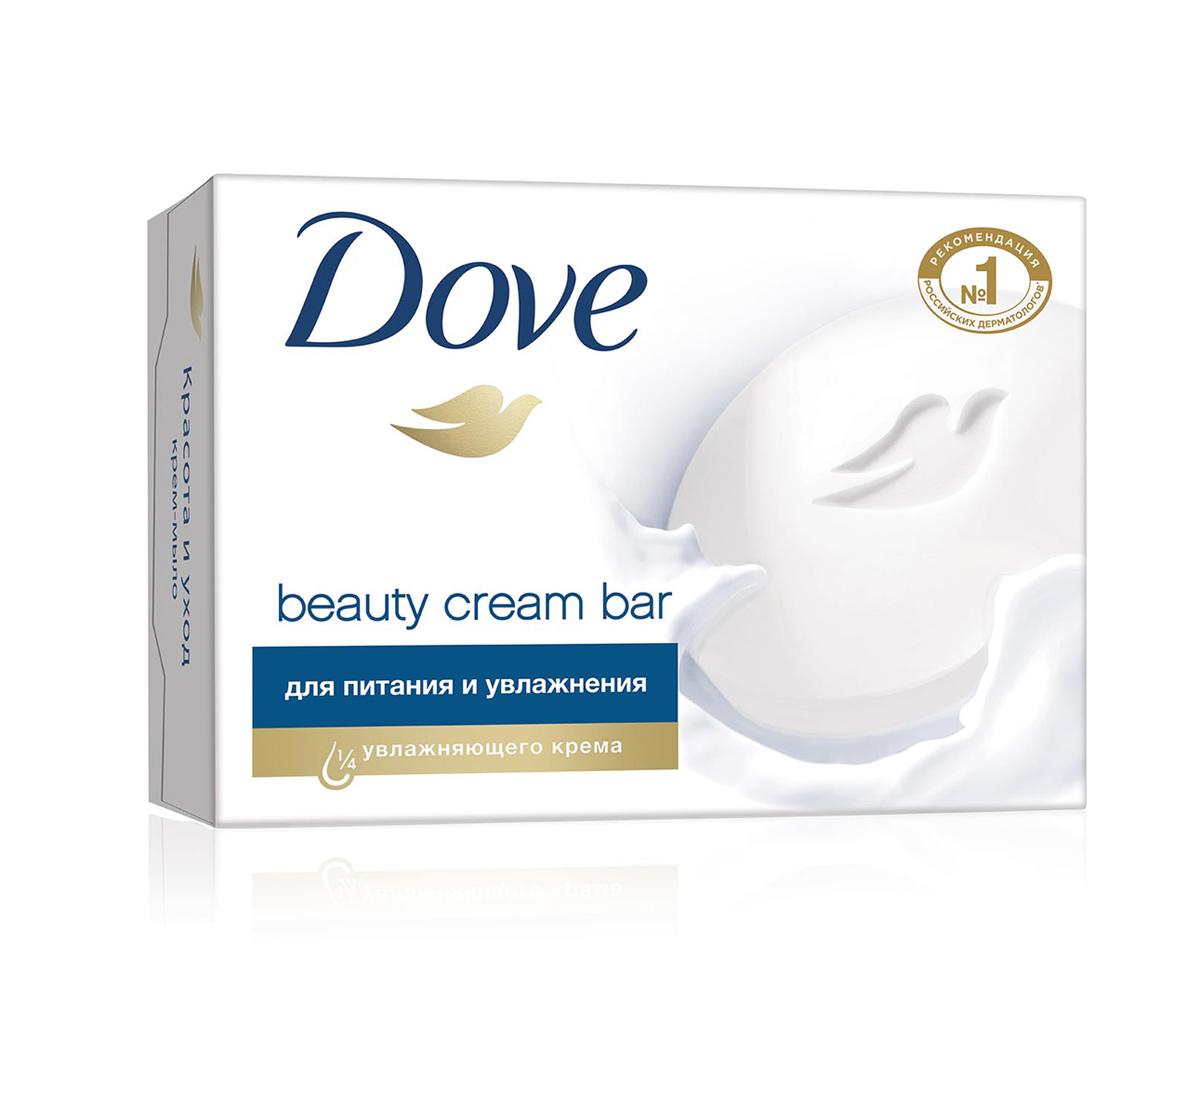 Dove Крем-мыло Красота и уход 135 гр